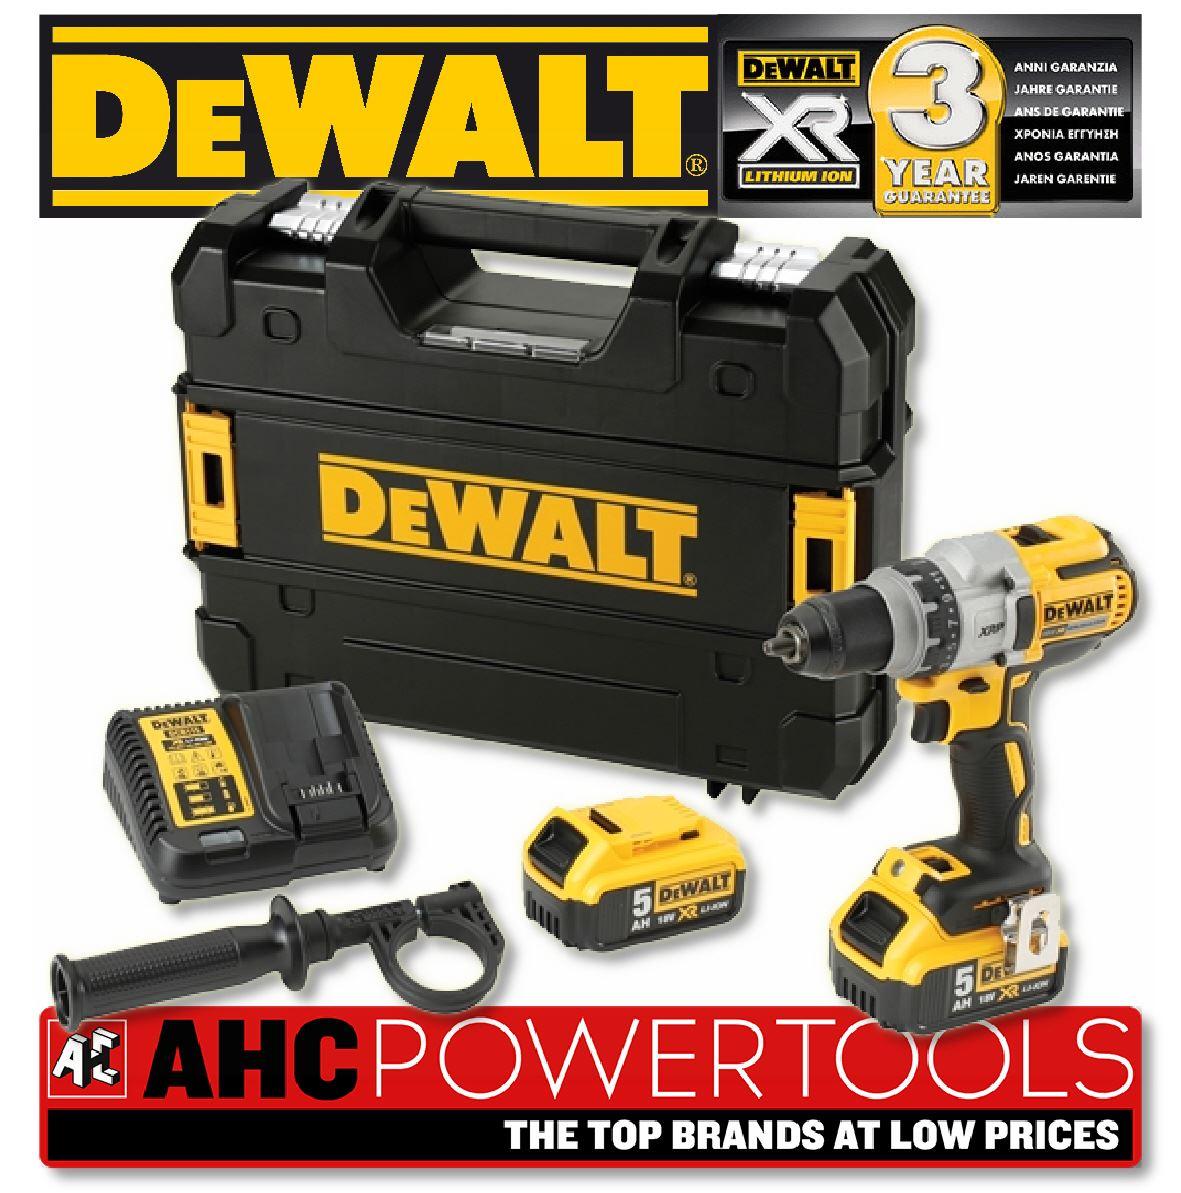 dewalt dcd991p2 18v cordless xr 3 speed brushless drill. Black Bedroom Furniture Sets. Home Design Ideas